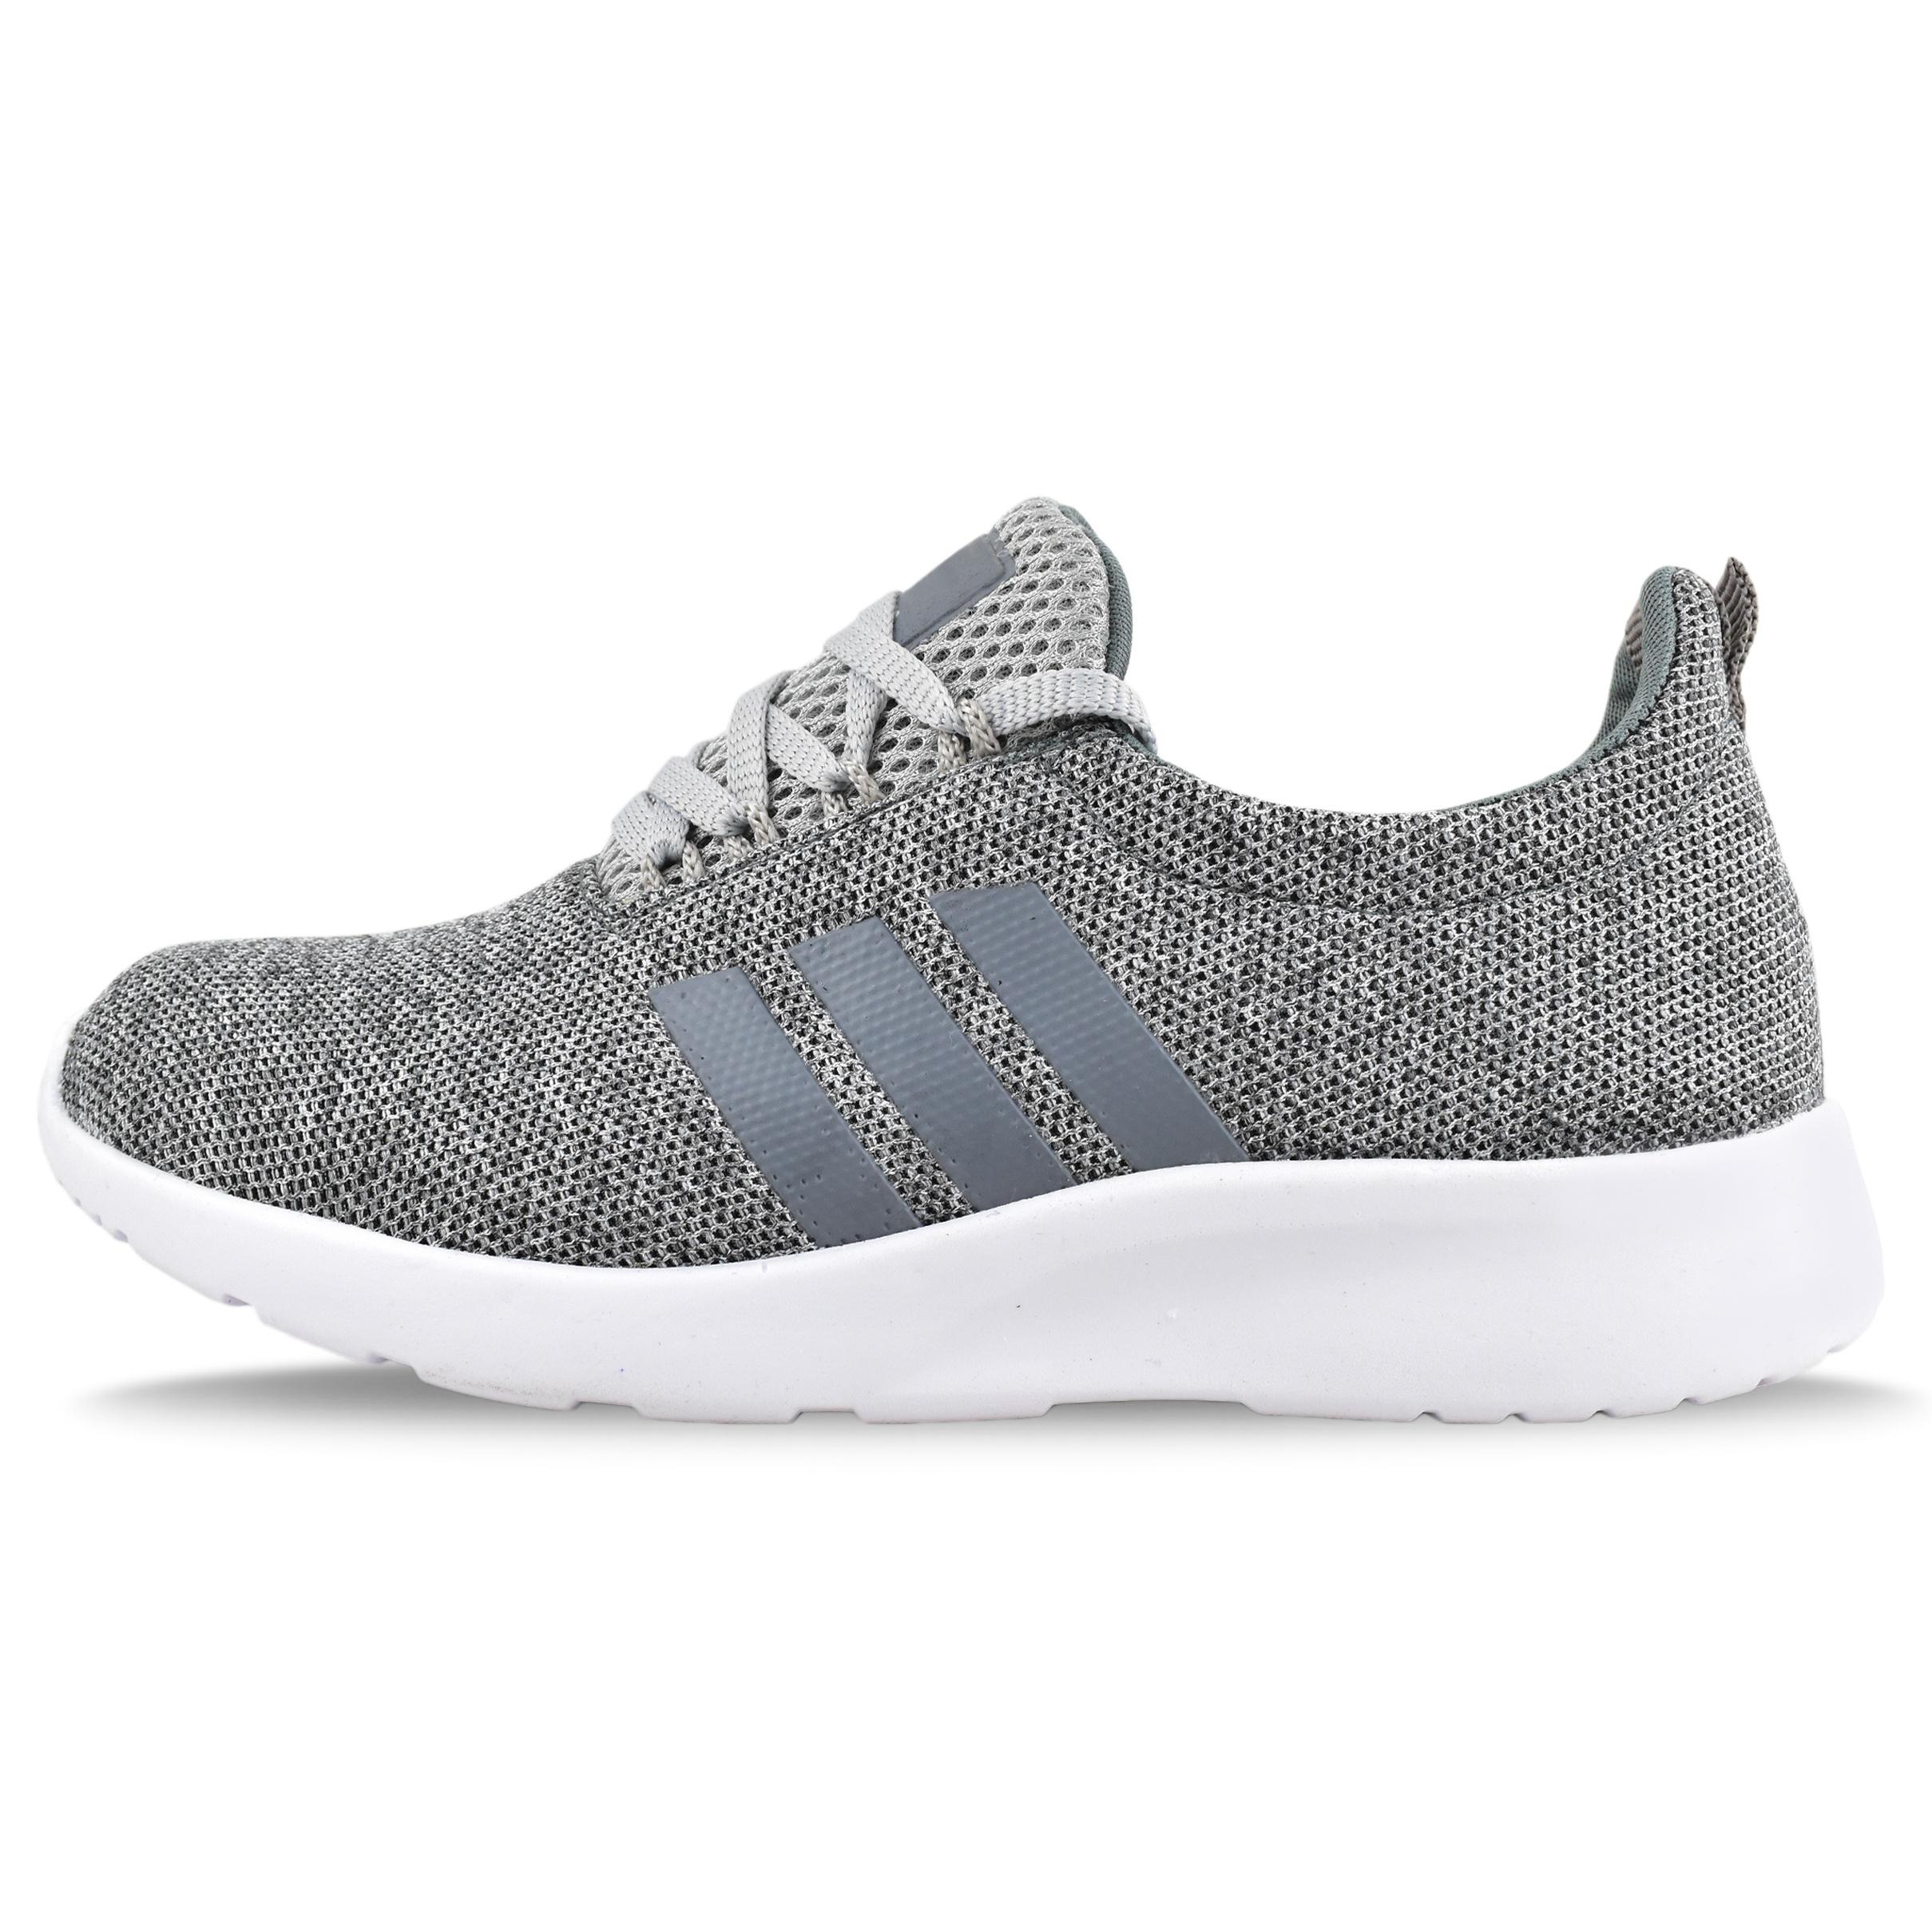 کفش مخصوص پیاده روی مردانه مدل دنا کد 4388